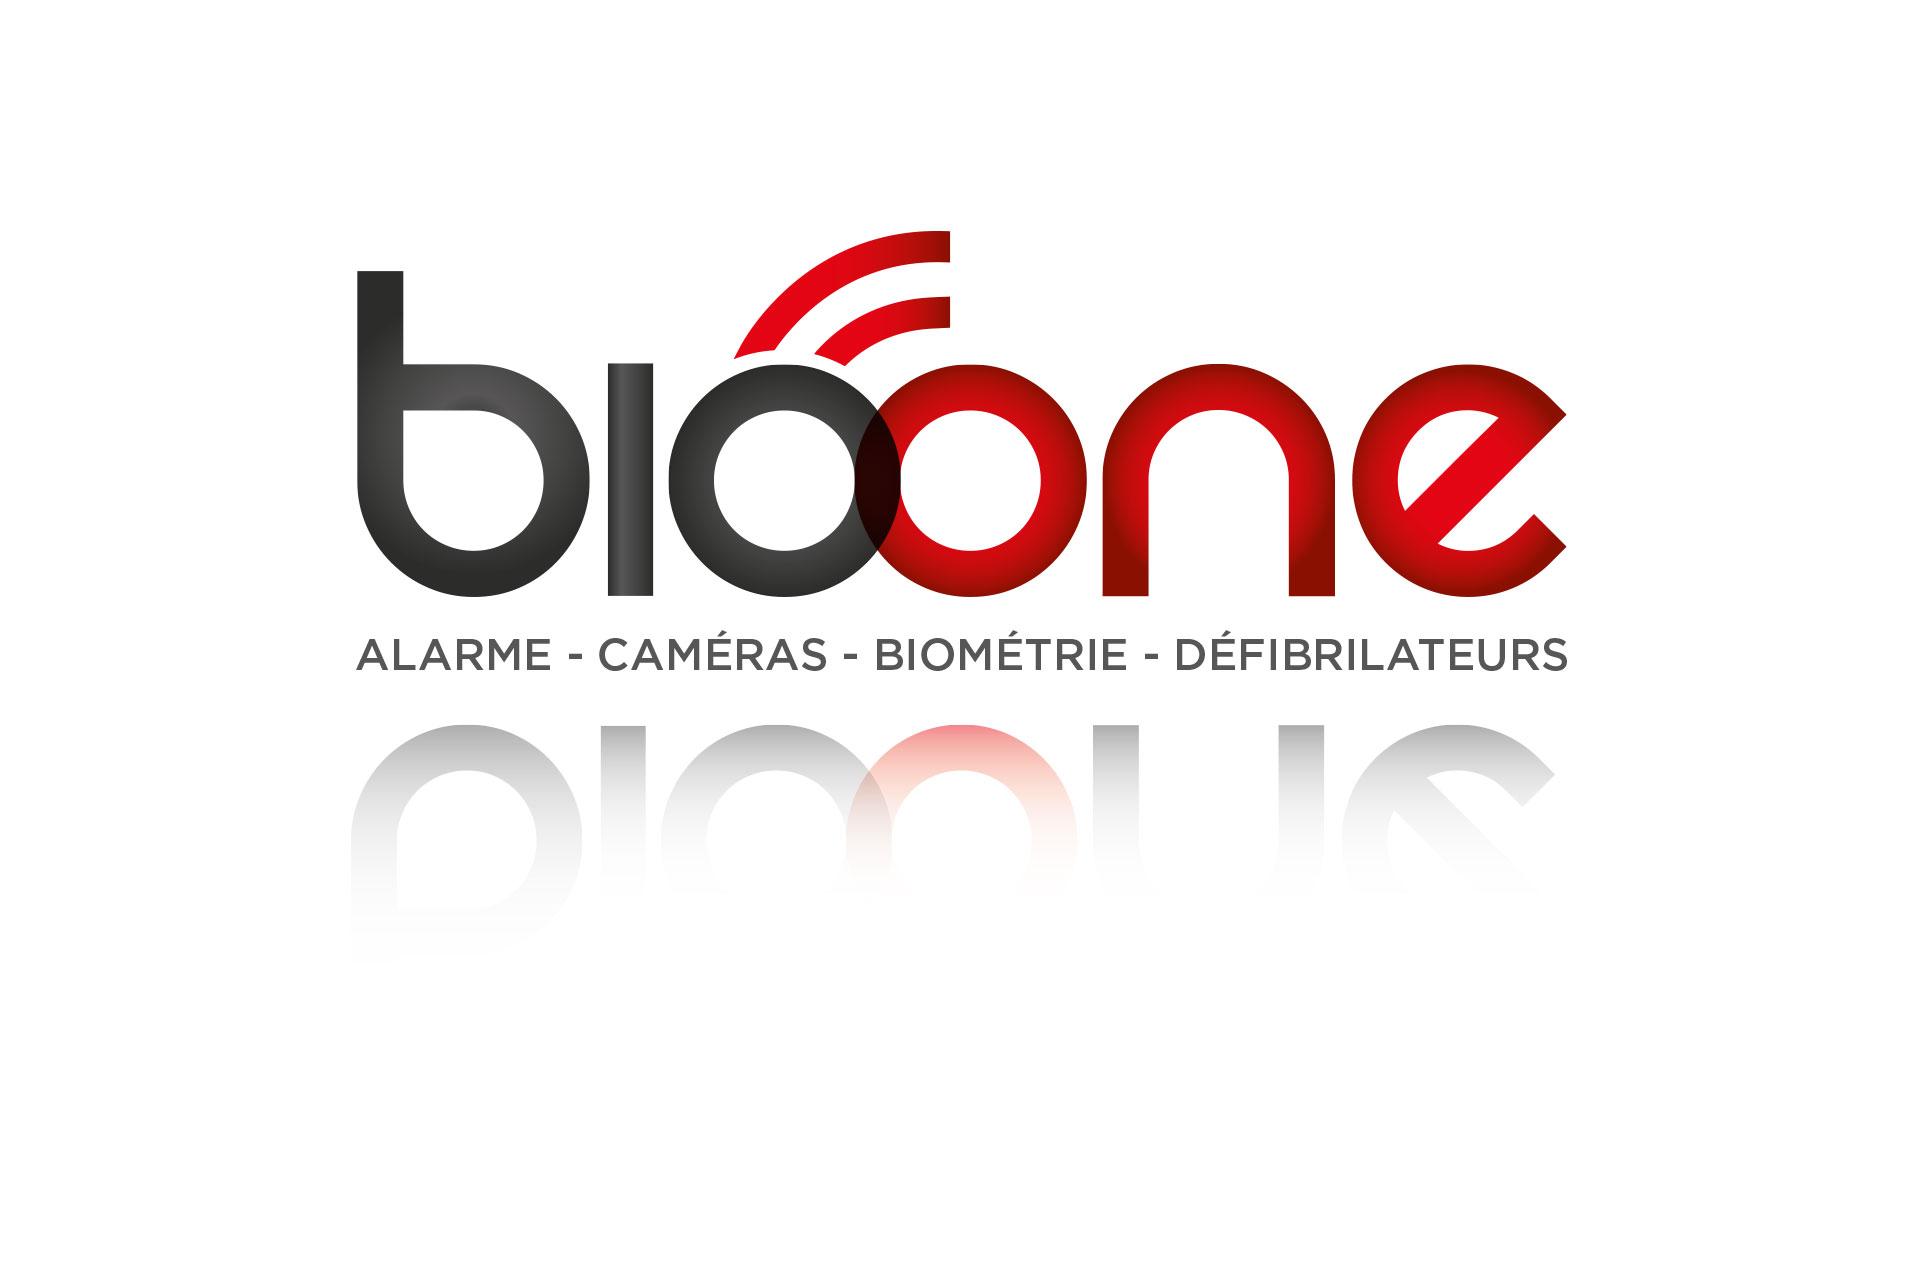 logo bioone